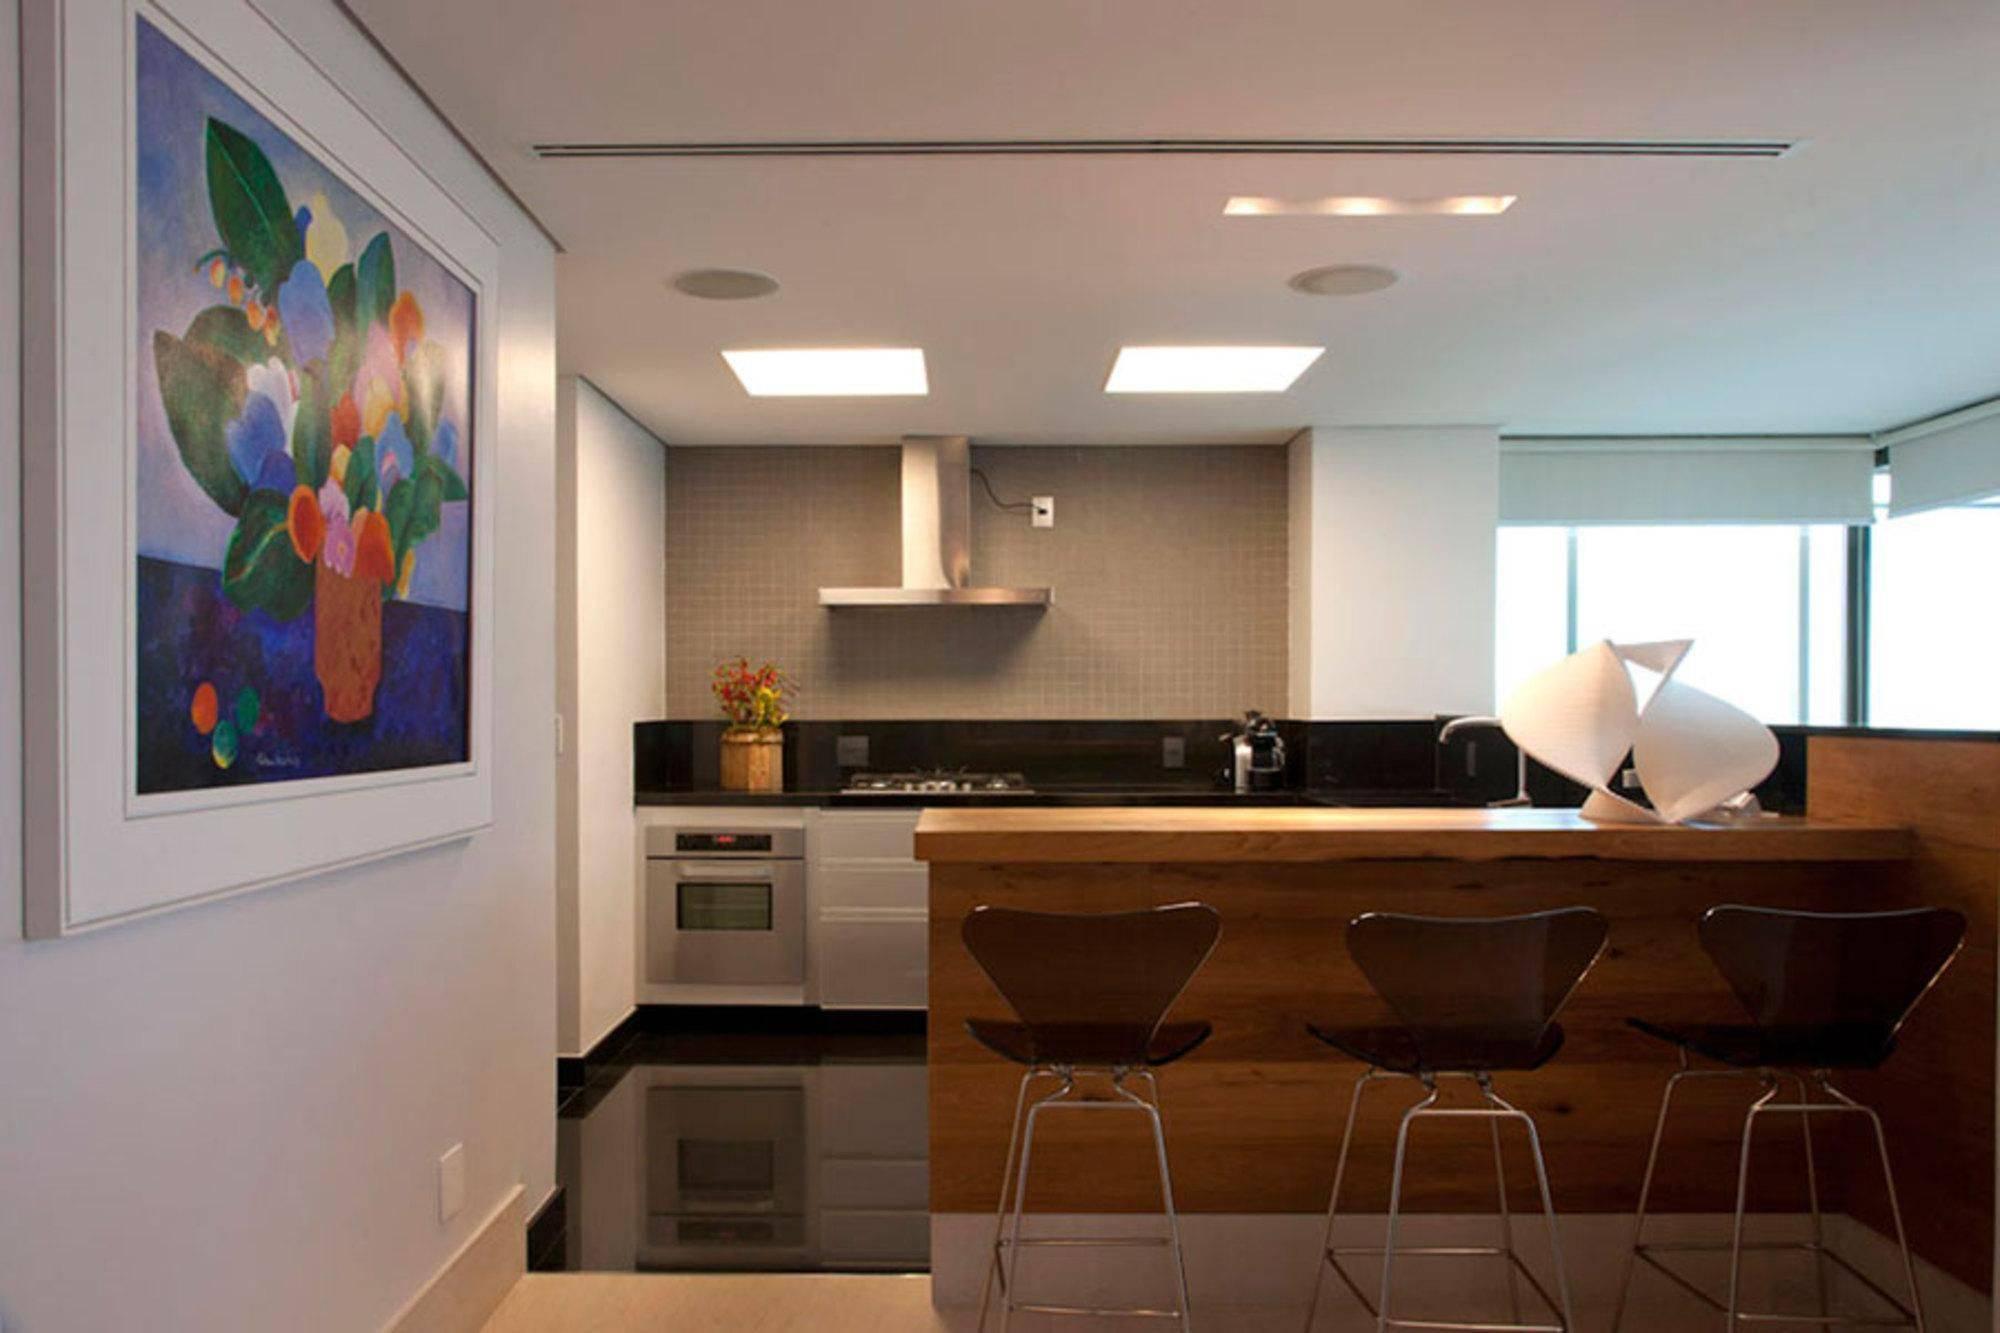 #311C12 Cozinha americana simples otimizando o espaço 2000x1333 px Balcao Mesa Para Cozinha Americana #1143 imagens